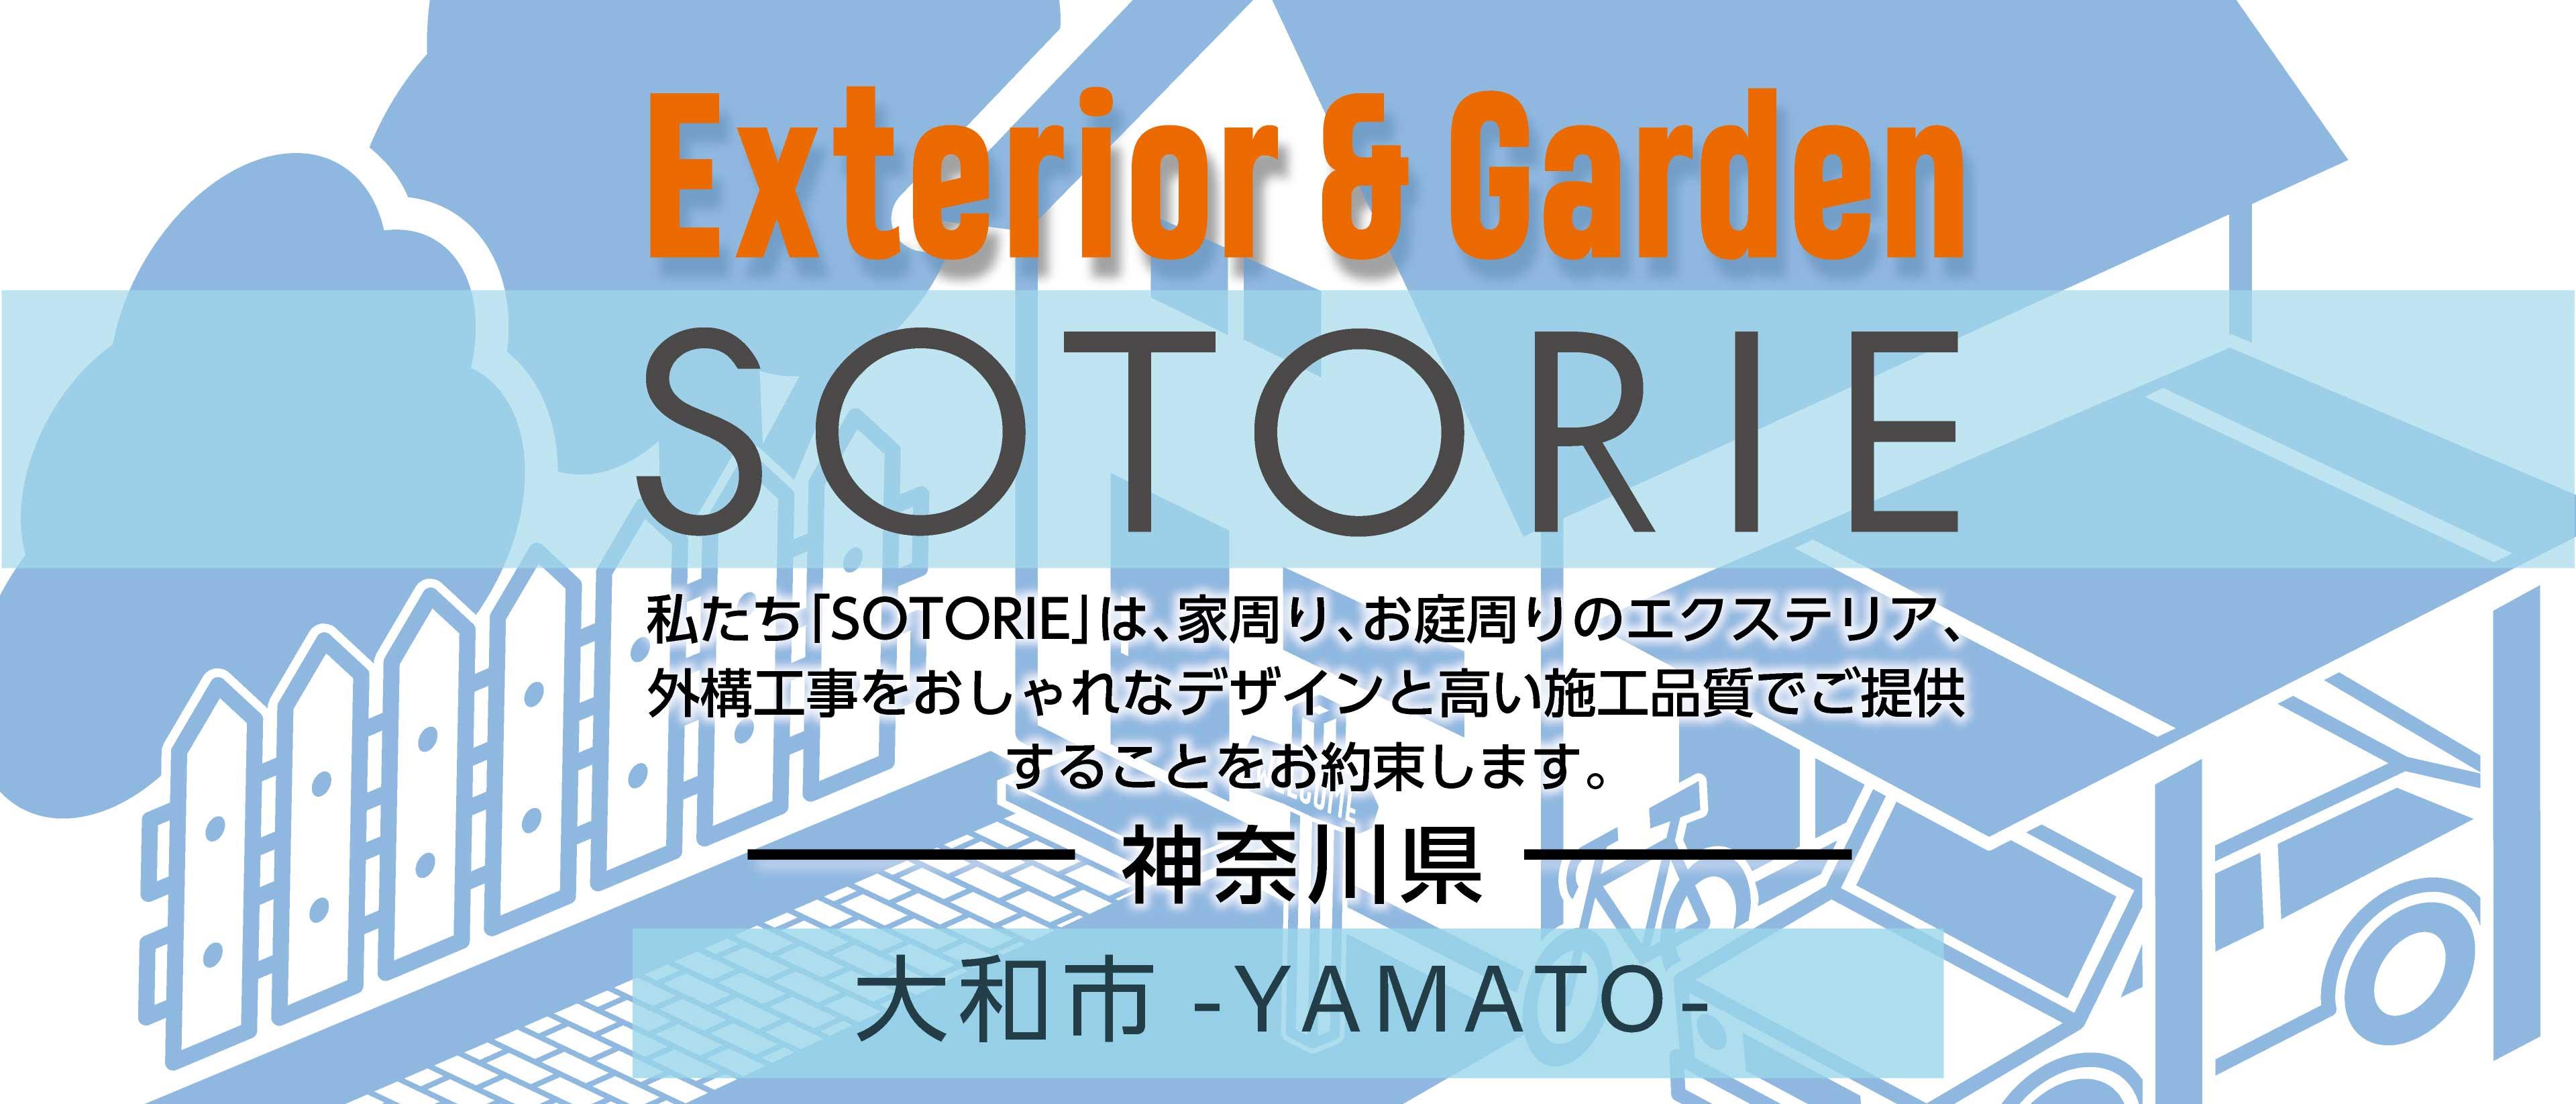 ソトリエ大和市では、家周りと庭周りの外構、エクステリア工事をおしゃれなデザインと高い施工品質でご提供することをお約束します。